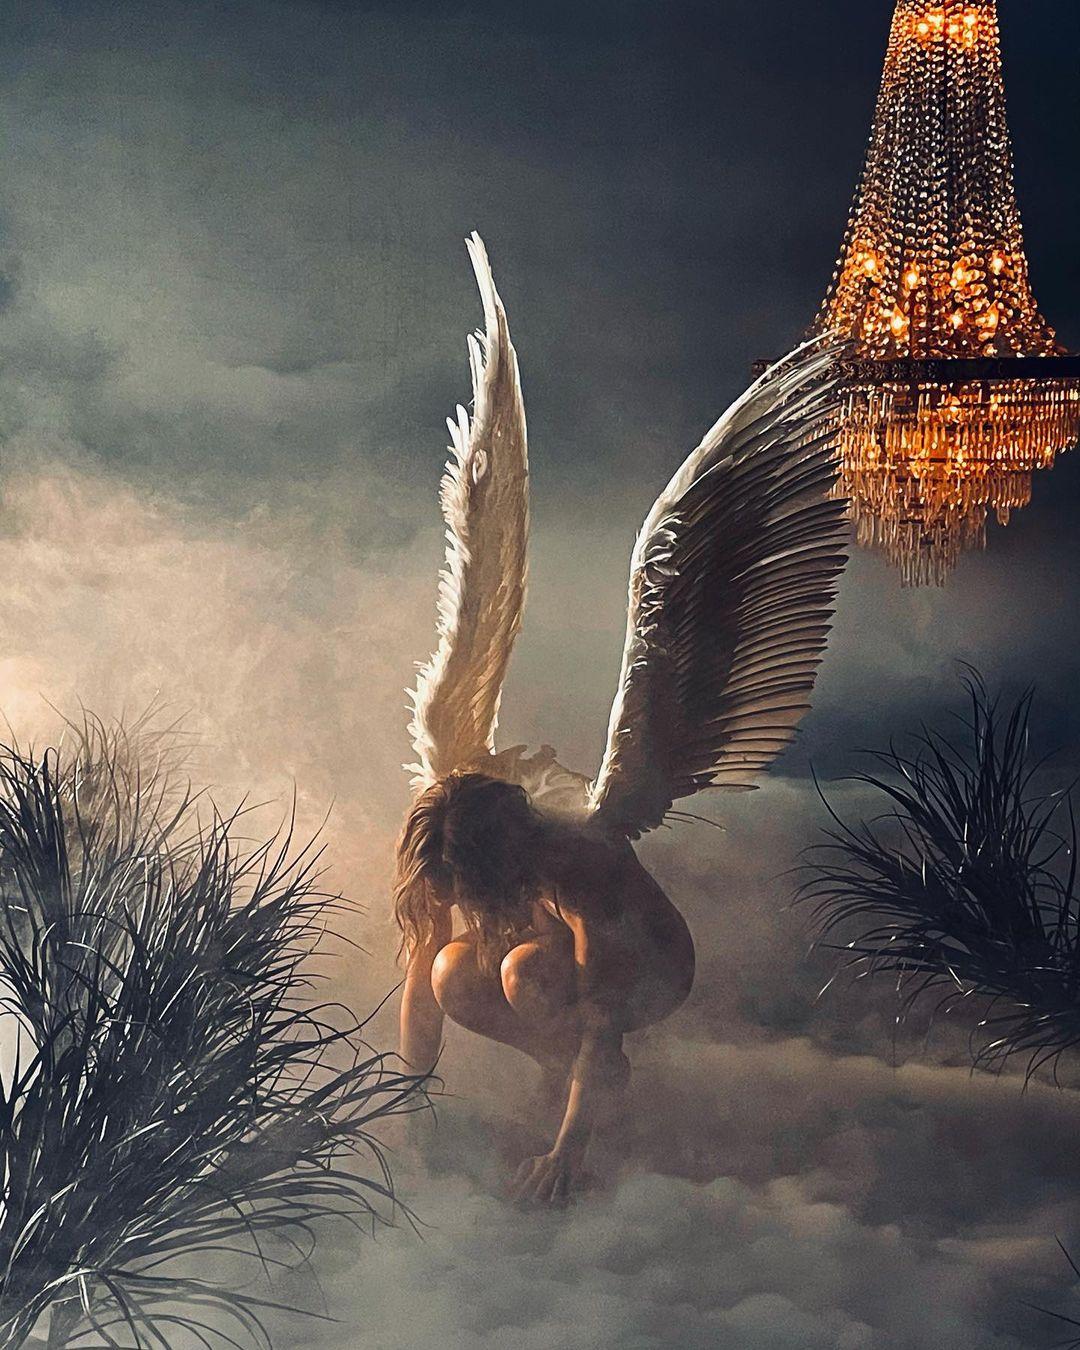 Jennifer Lopez, klip için melek oldu. Noel'de 2021 için dualar gönderdi.